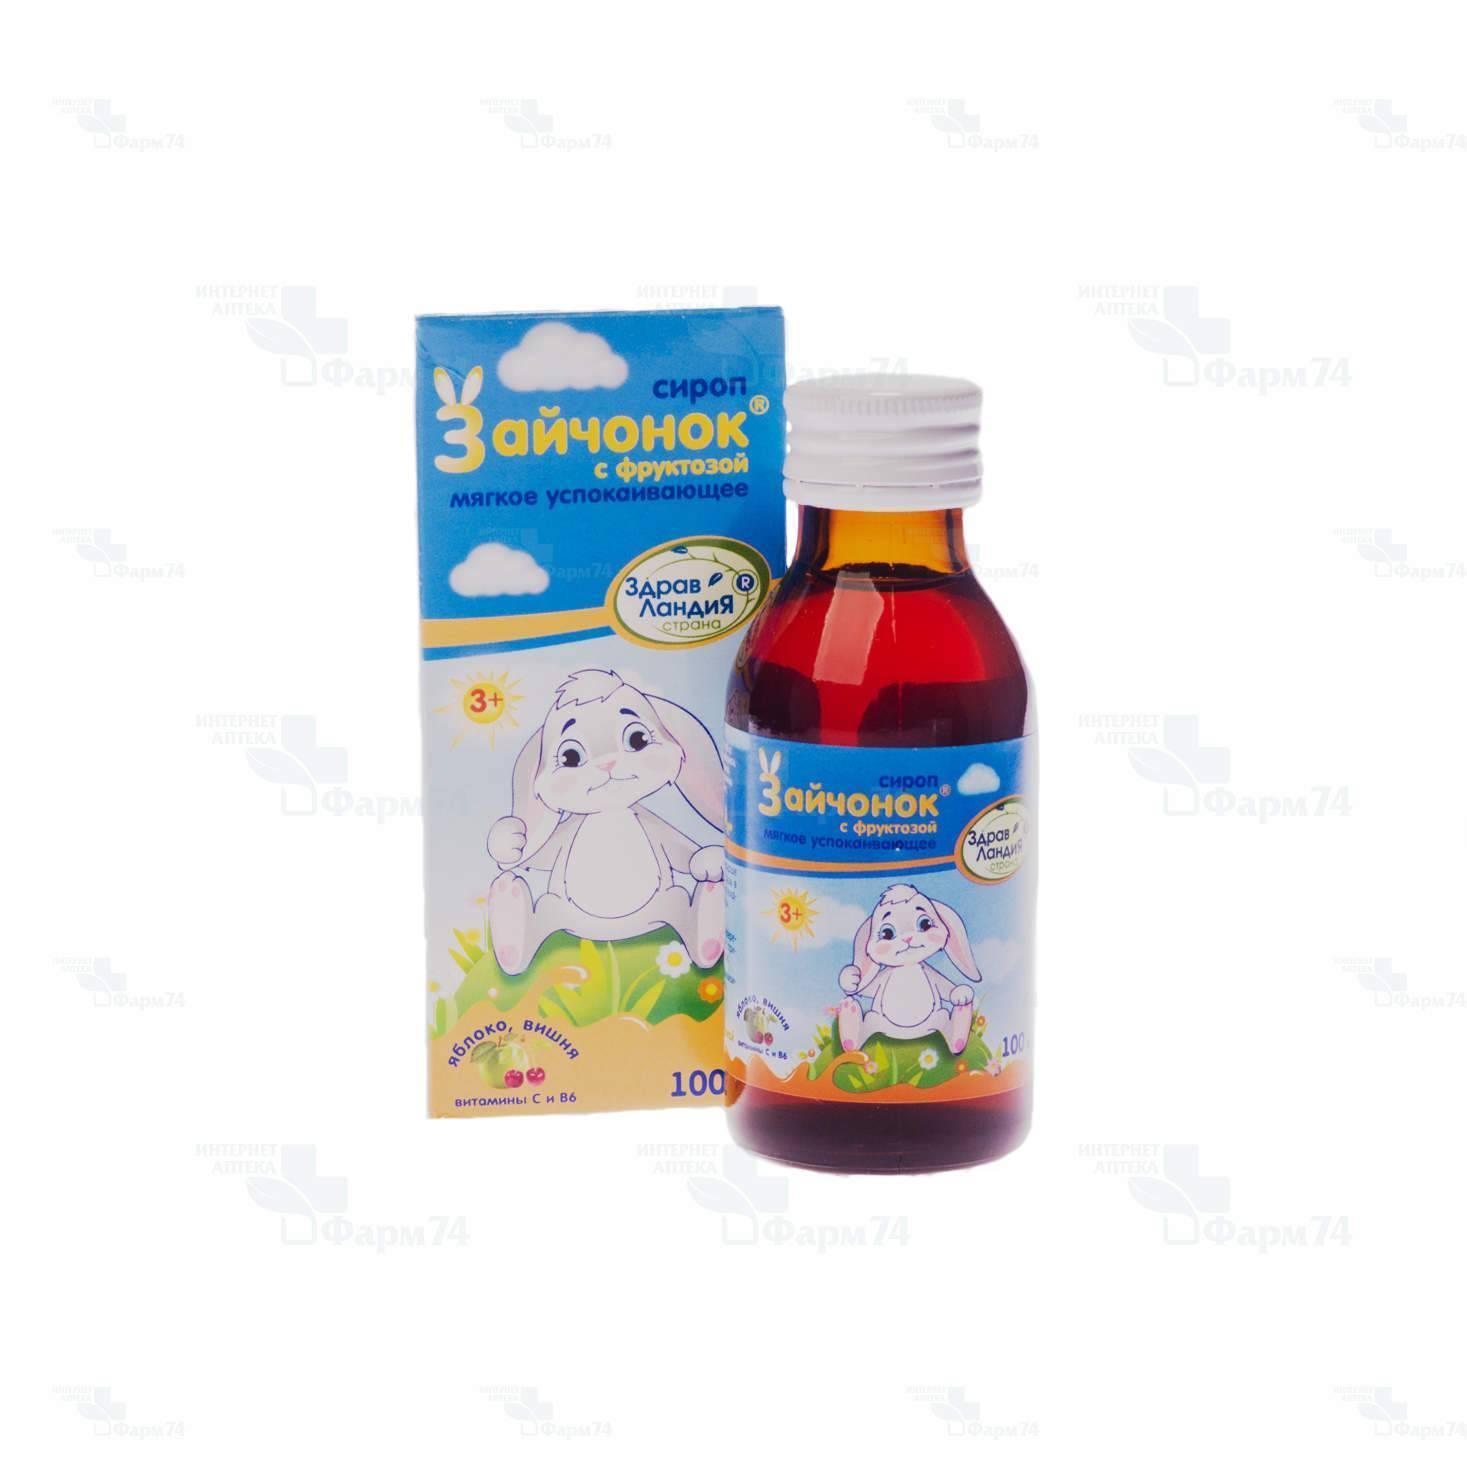 """Детское успокоительное """"зайчонок"""": инструкция, отзывы. сироп «зайчонок»: инструкция по применению успокоительных капель для детей"""